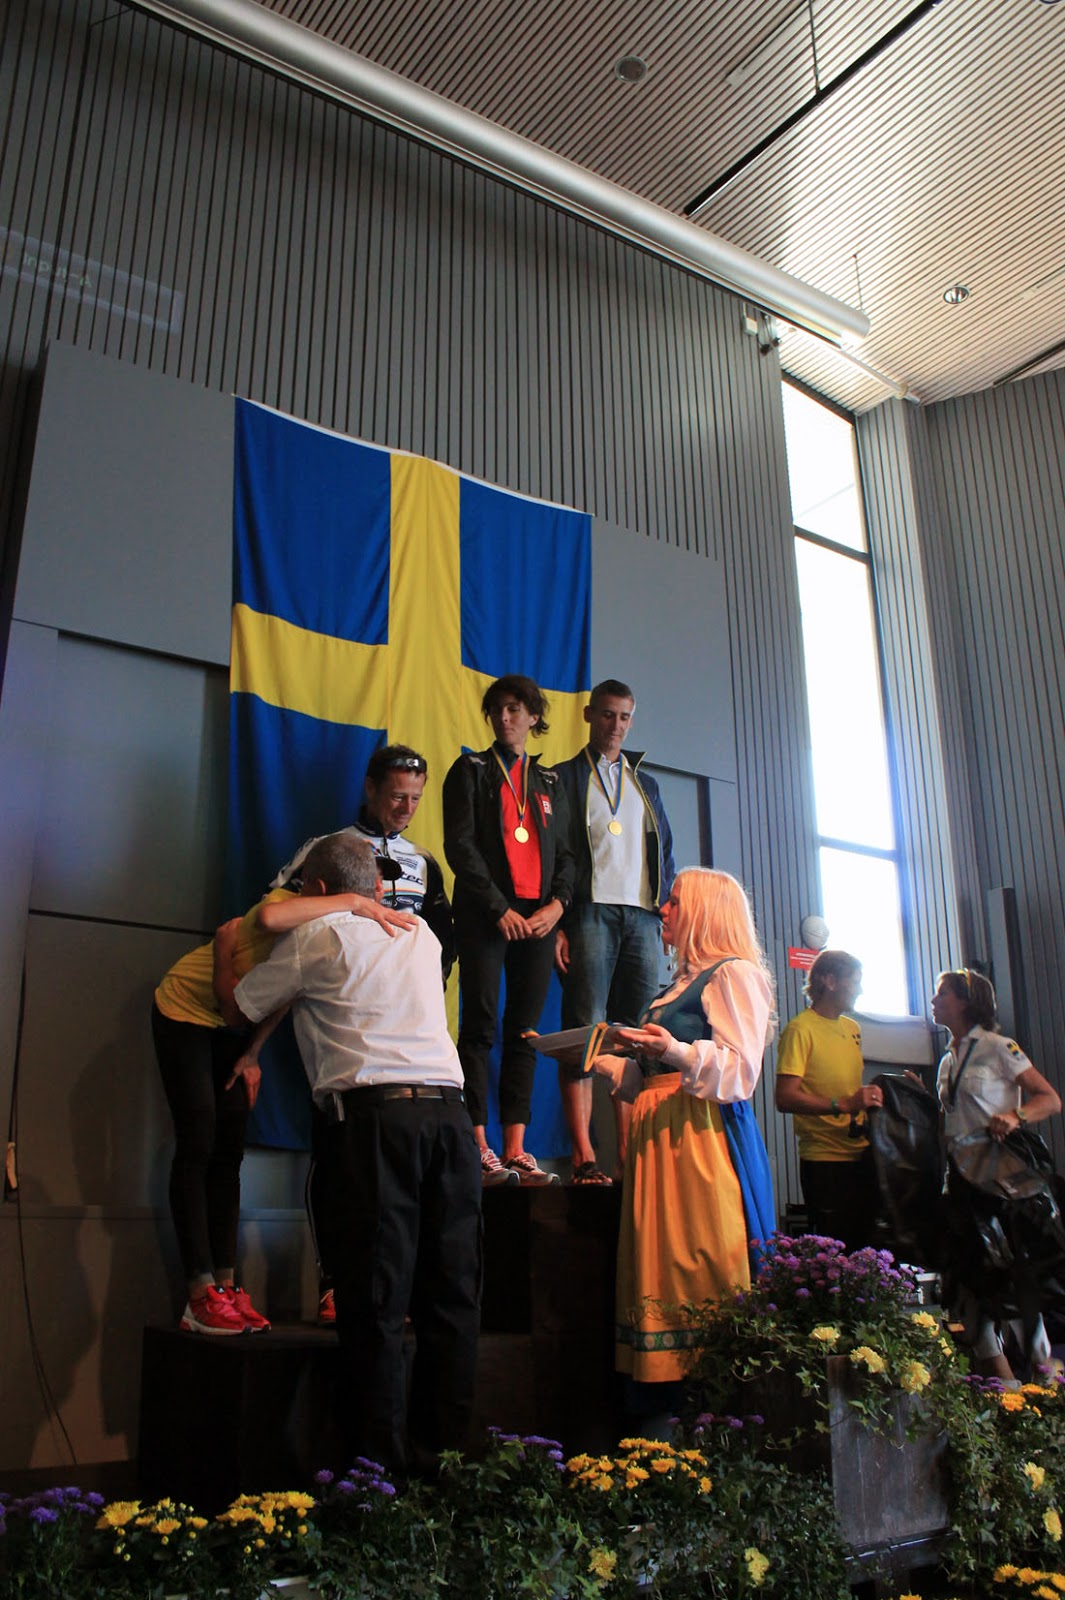 Campionato svedese distanza media, 2012